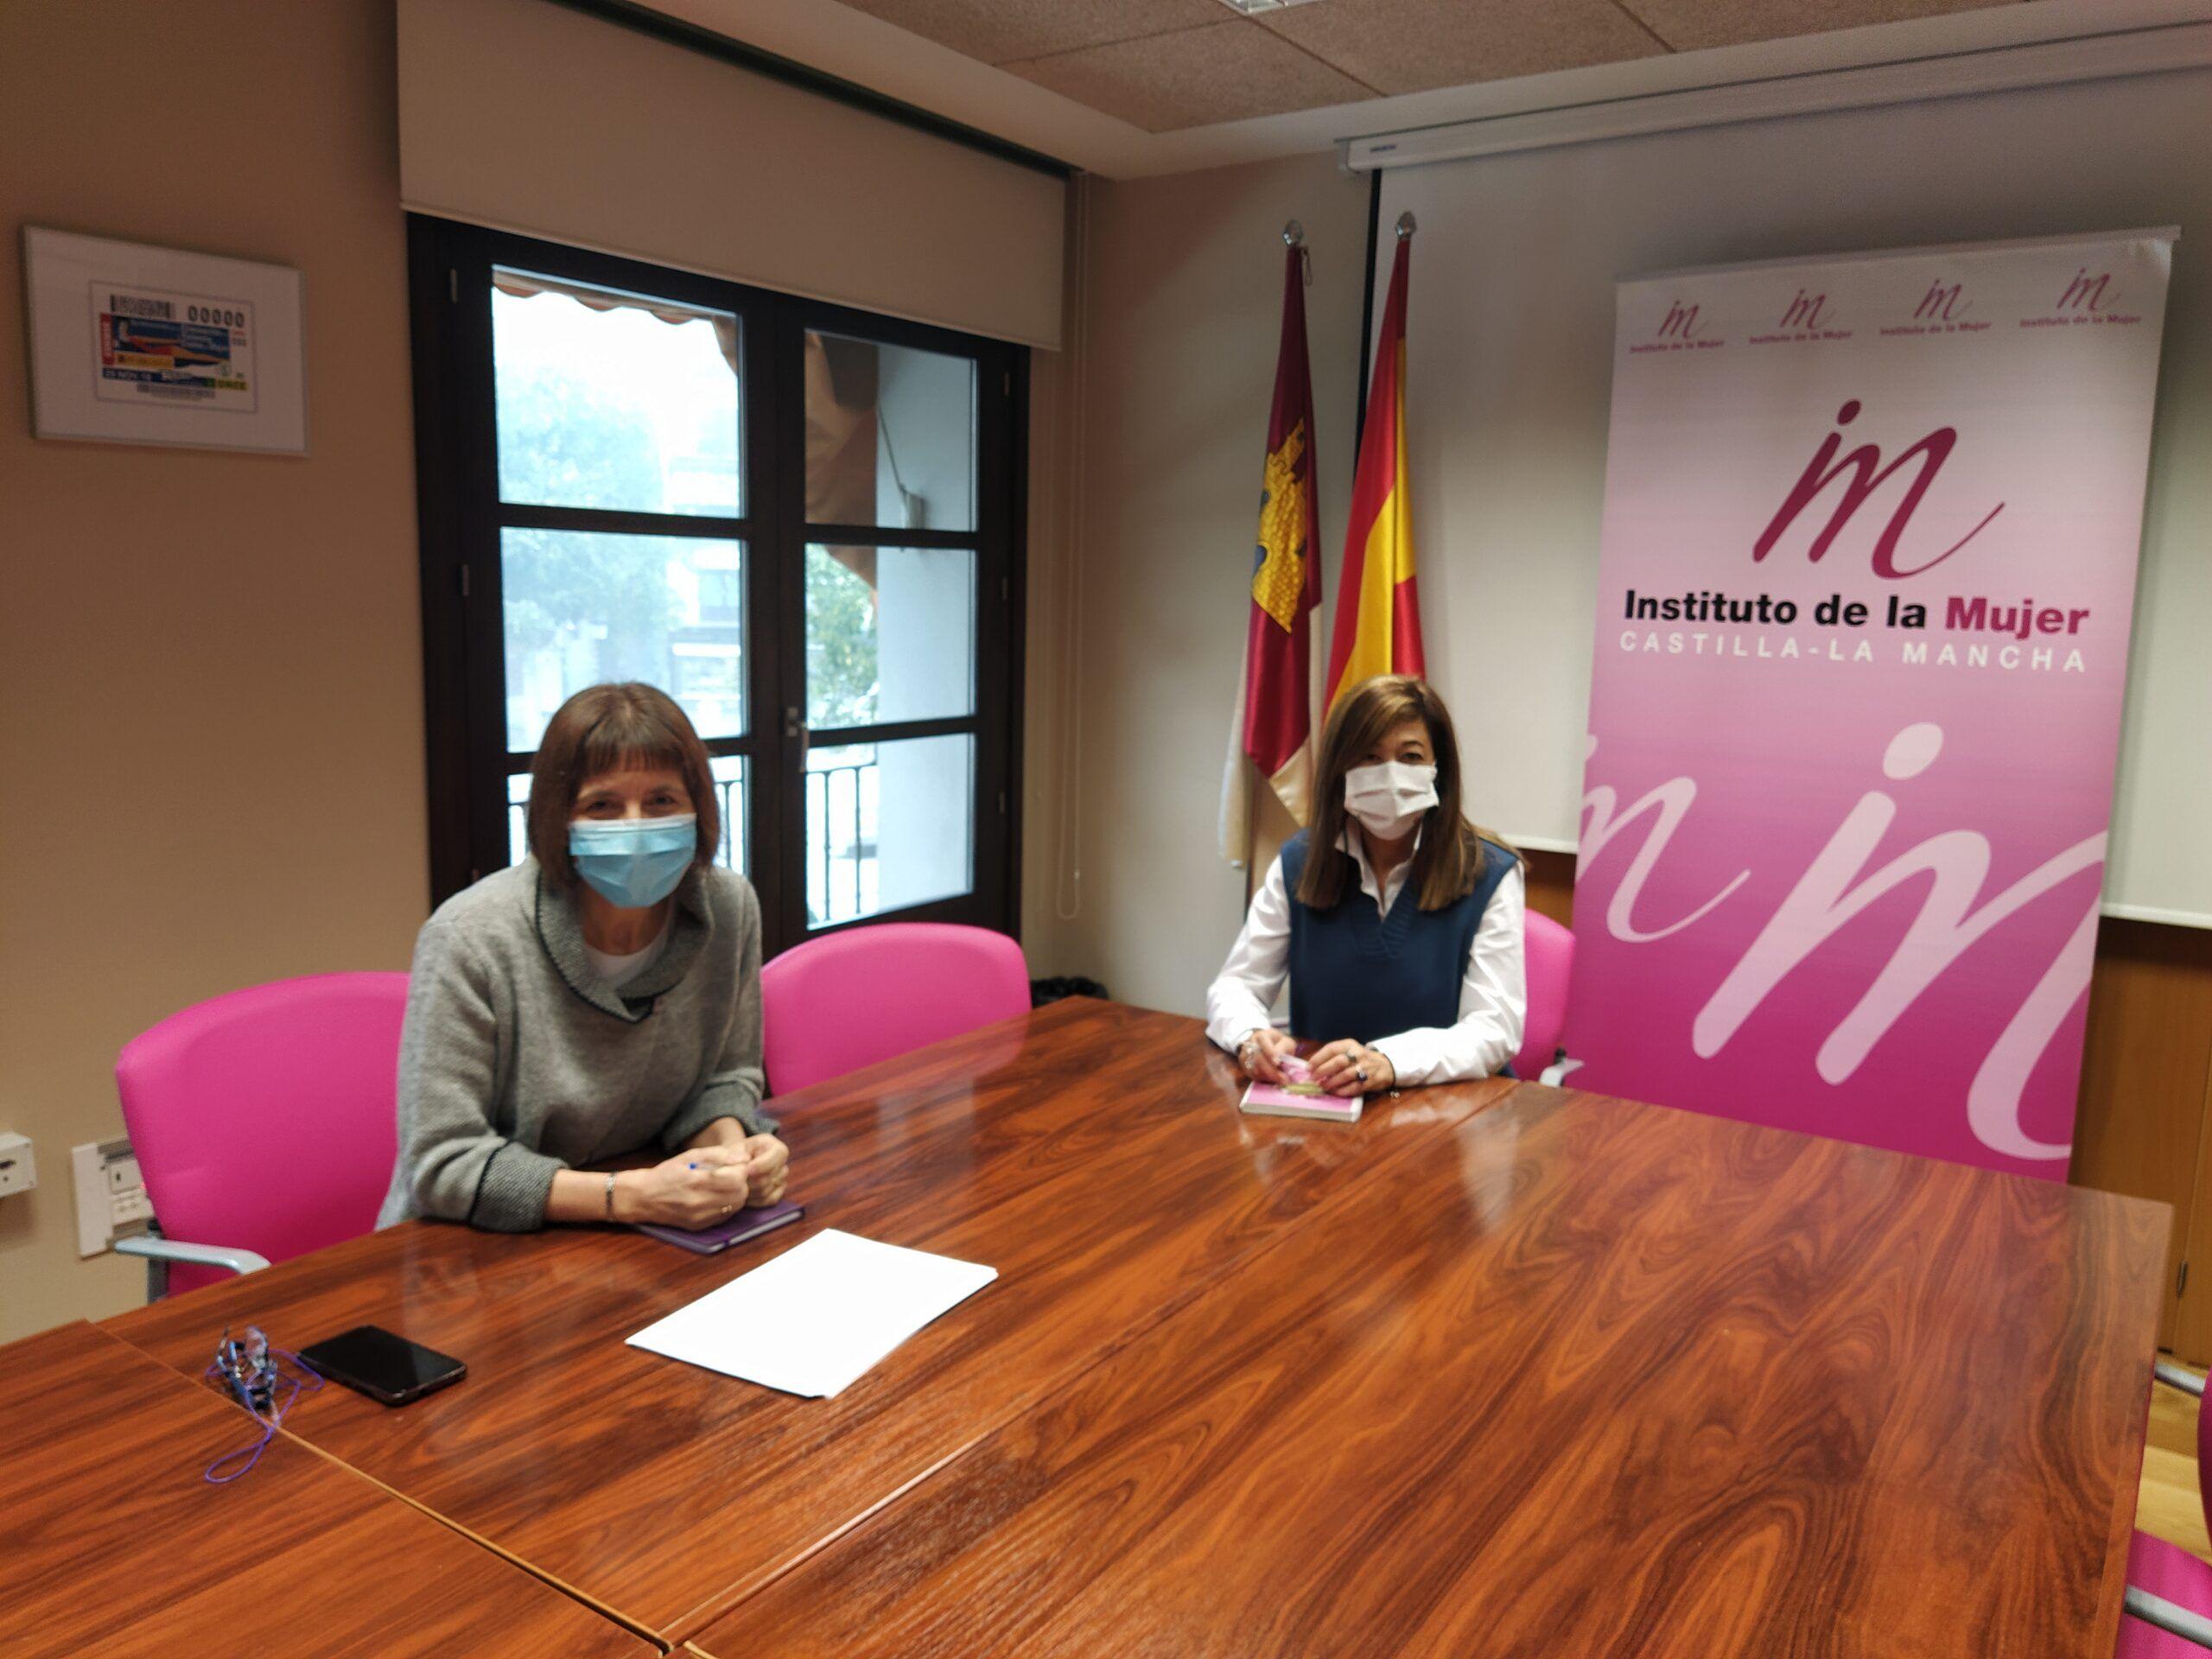 Consuelo García valora la estrecha colaboración entre la Unidad de Coordinación contra la Violencia sobre la Mujer de Castilla-La Mancha y el Instituto de la Mujer de Castilla-La Mancha